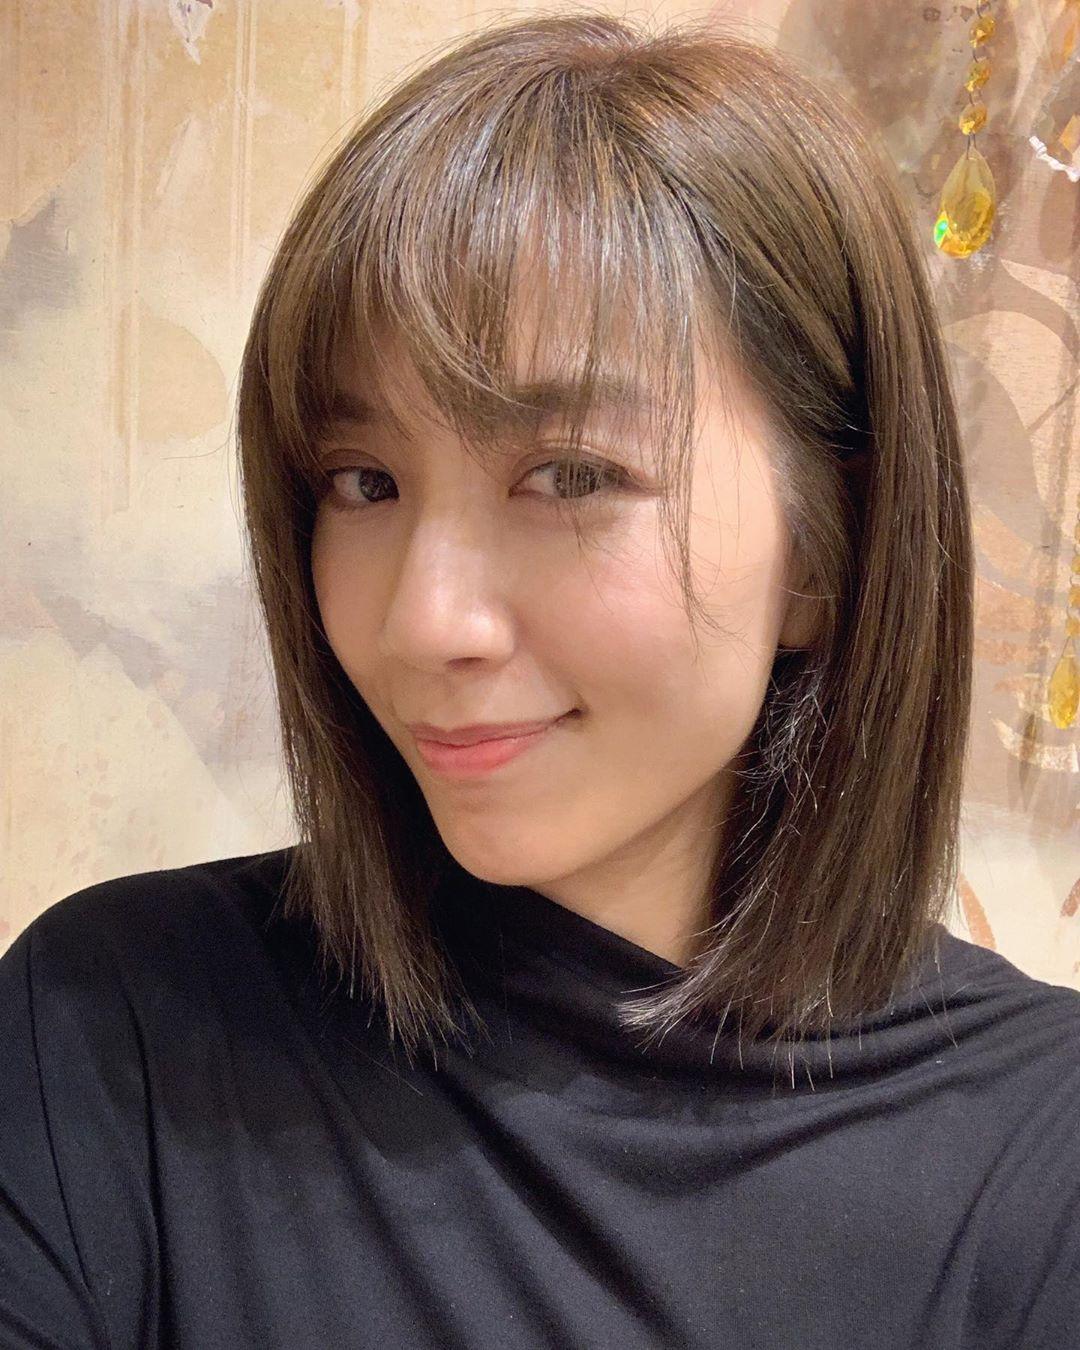 香港tvb 電視劇知名演員 黃智雯 - 美女圖 -